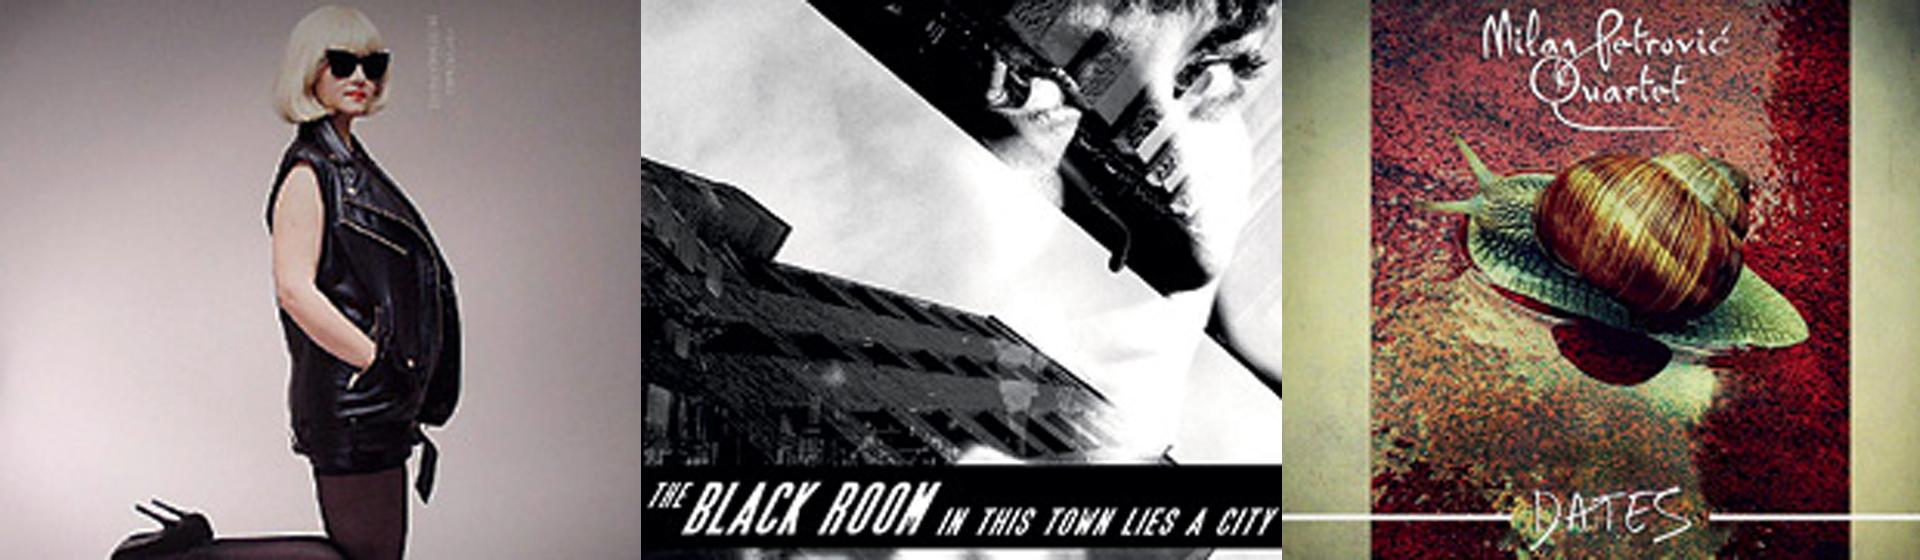 GLAZBENE RECENZIJE: Popsimonova, The Black Room, Milan Petrović Quartet